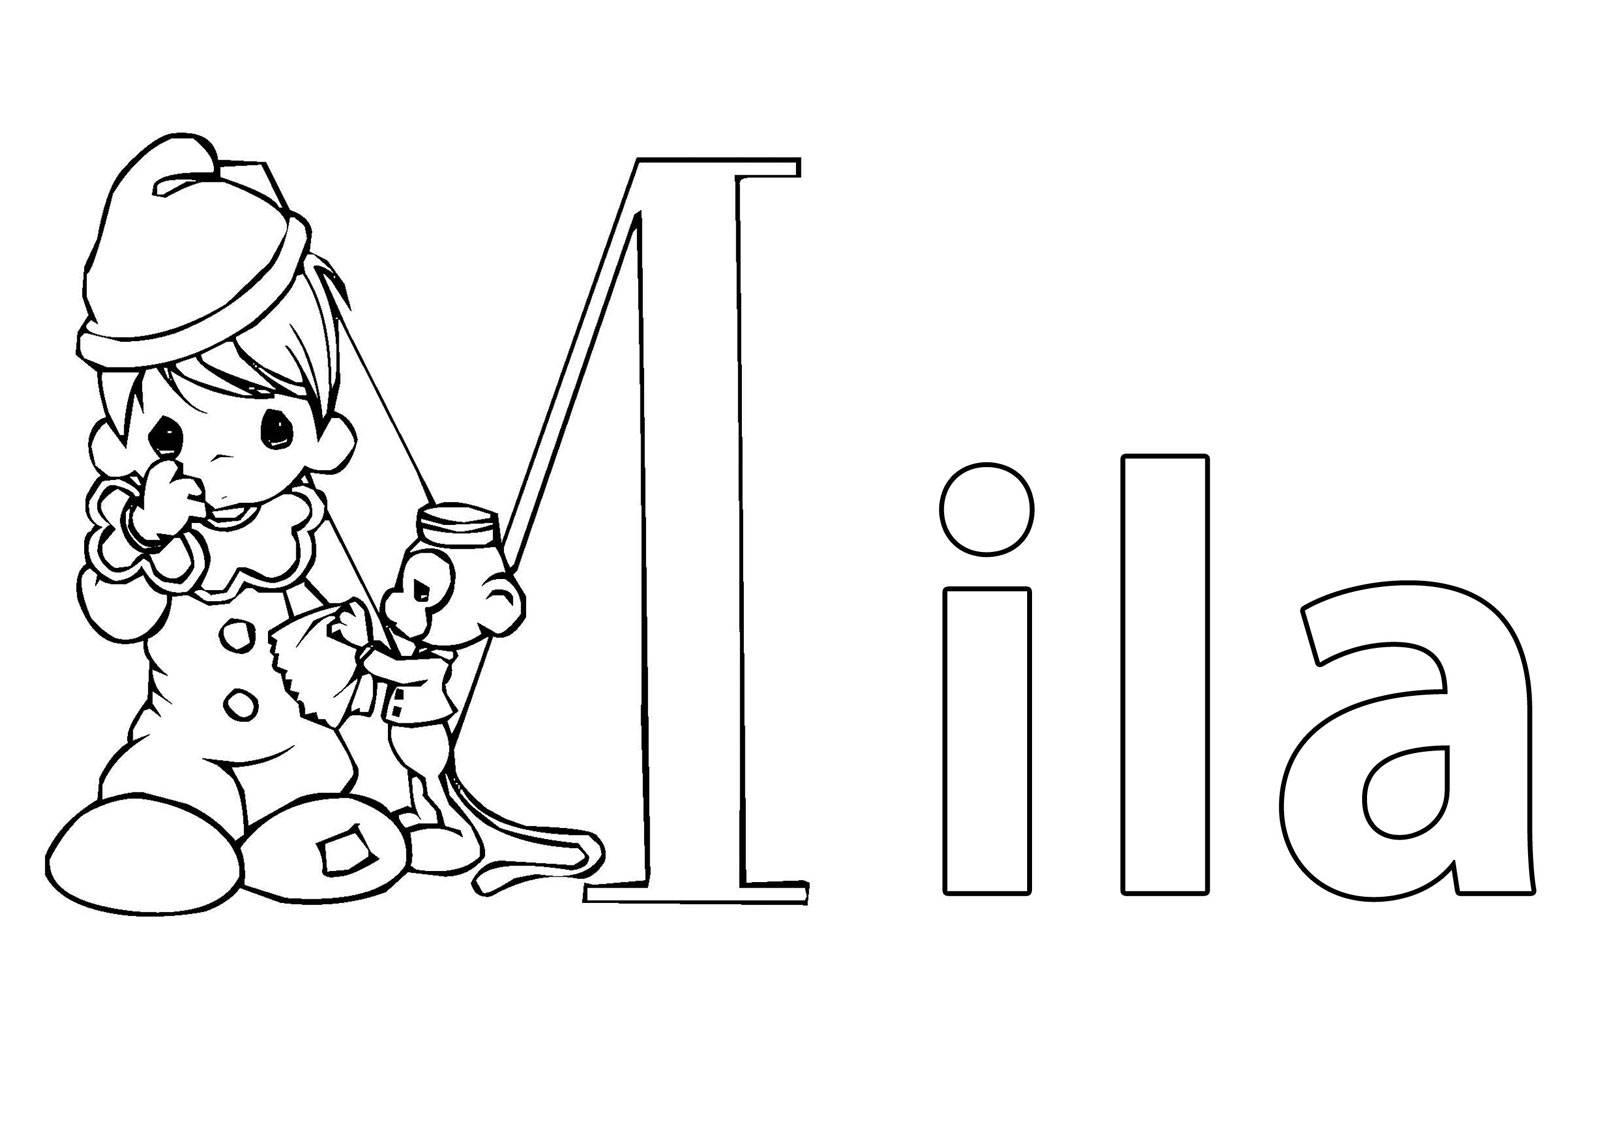 Ausmalbild Beliebte Mädchennamen: Vorname Mila ausmalen kostenlos ...